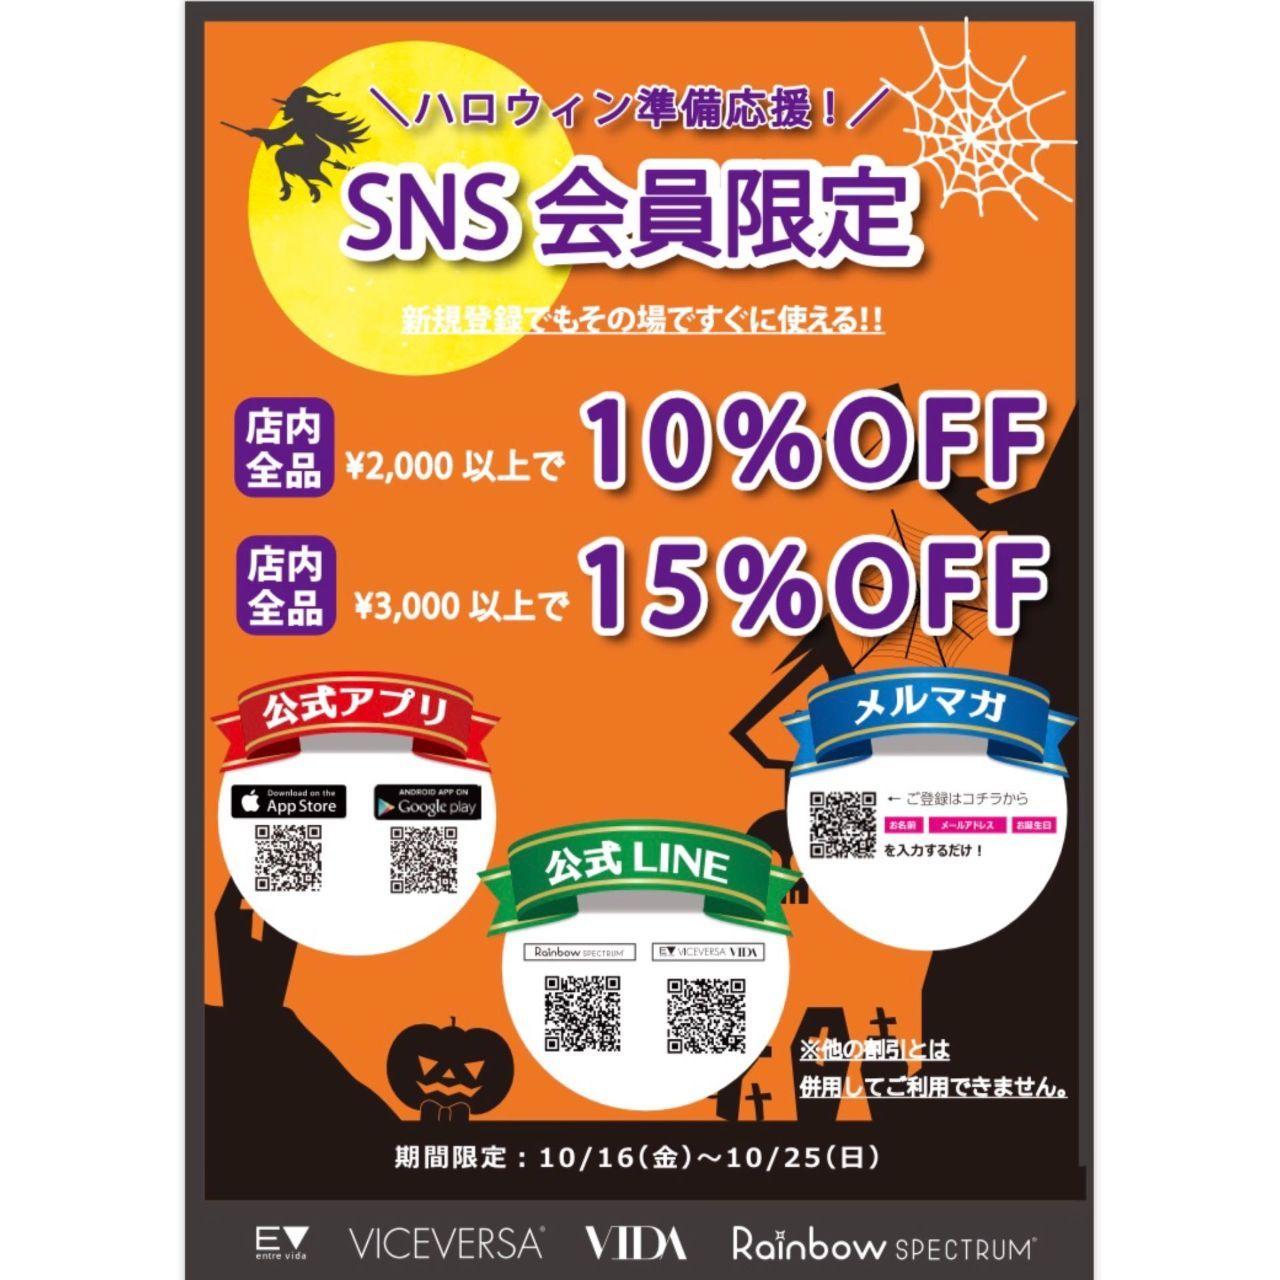 「MAX15%OFF!SNSクーポン配布中!!」の写真